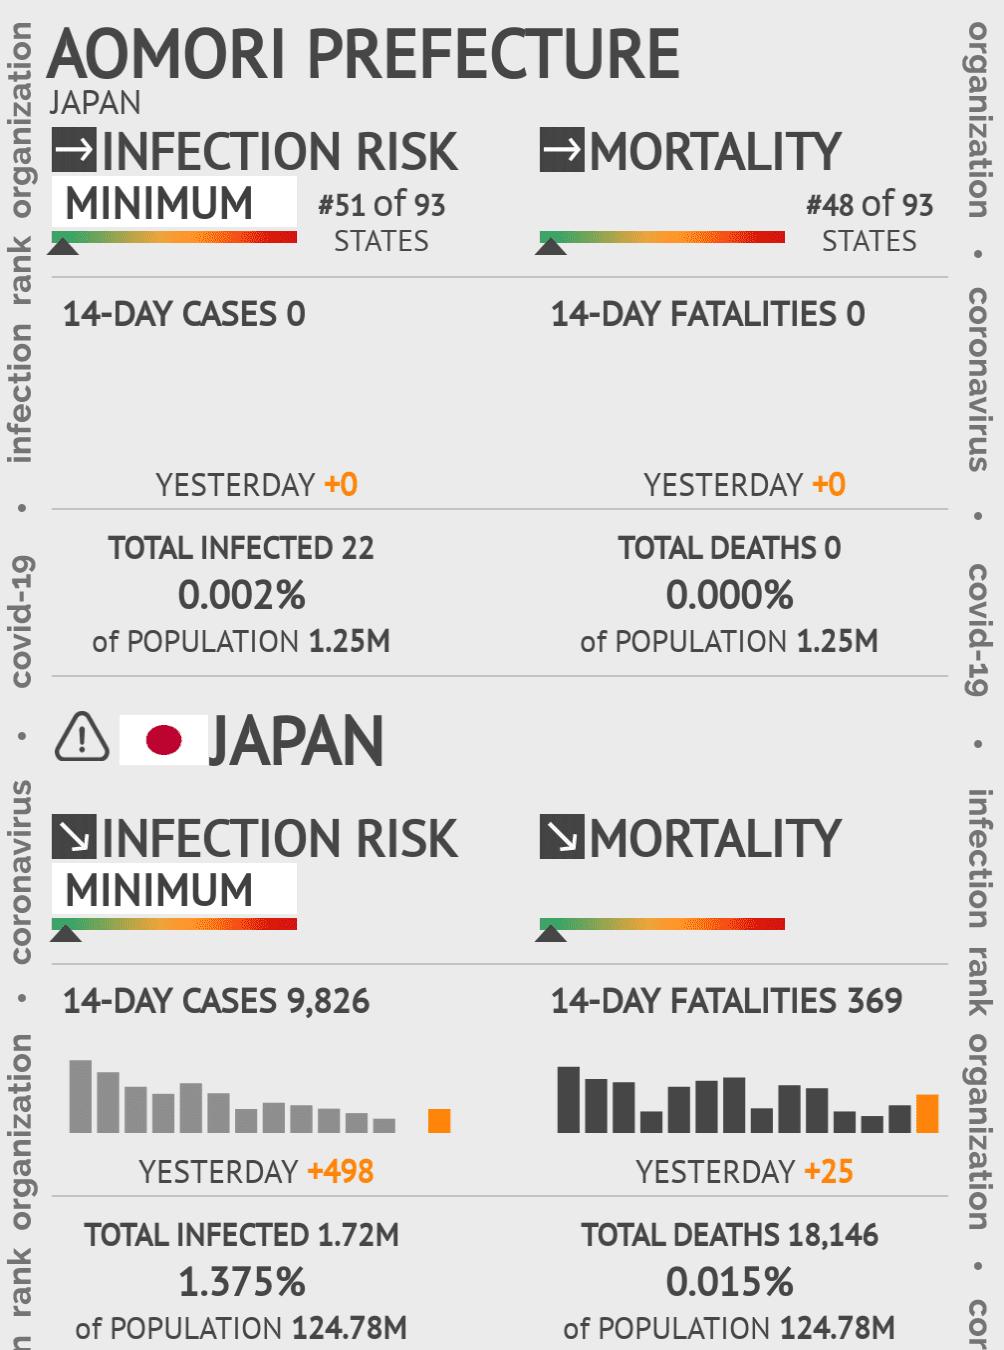 Aomori Prefecture Coronavirus Covid-19 Risk of Infection on May 14, 2020